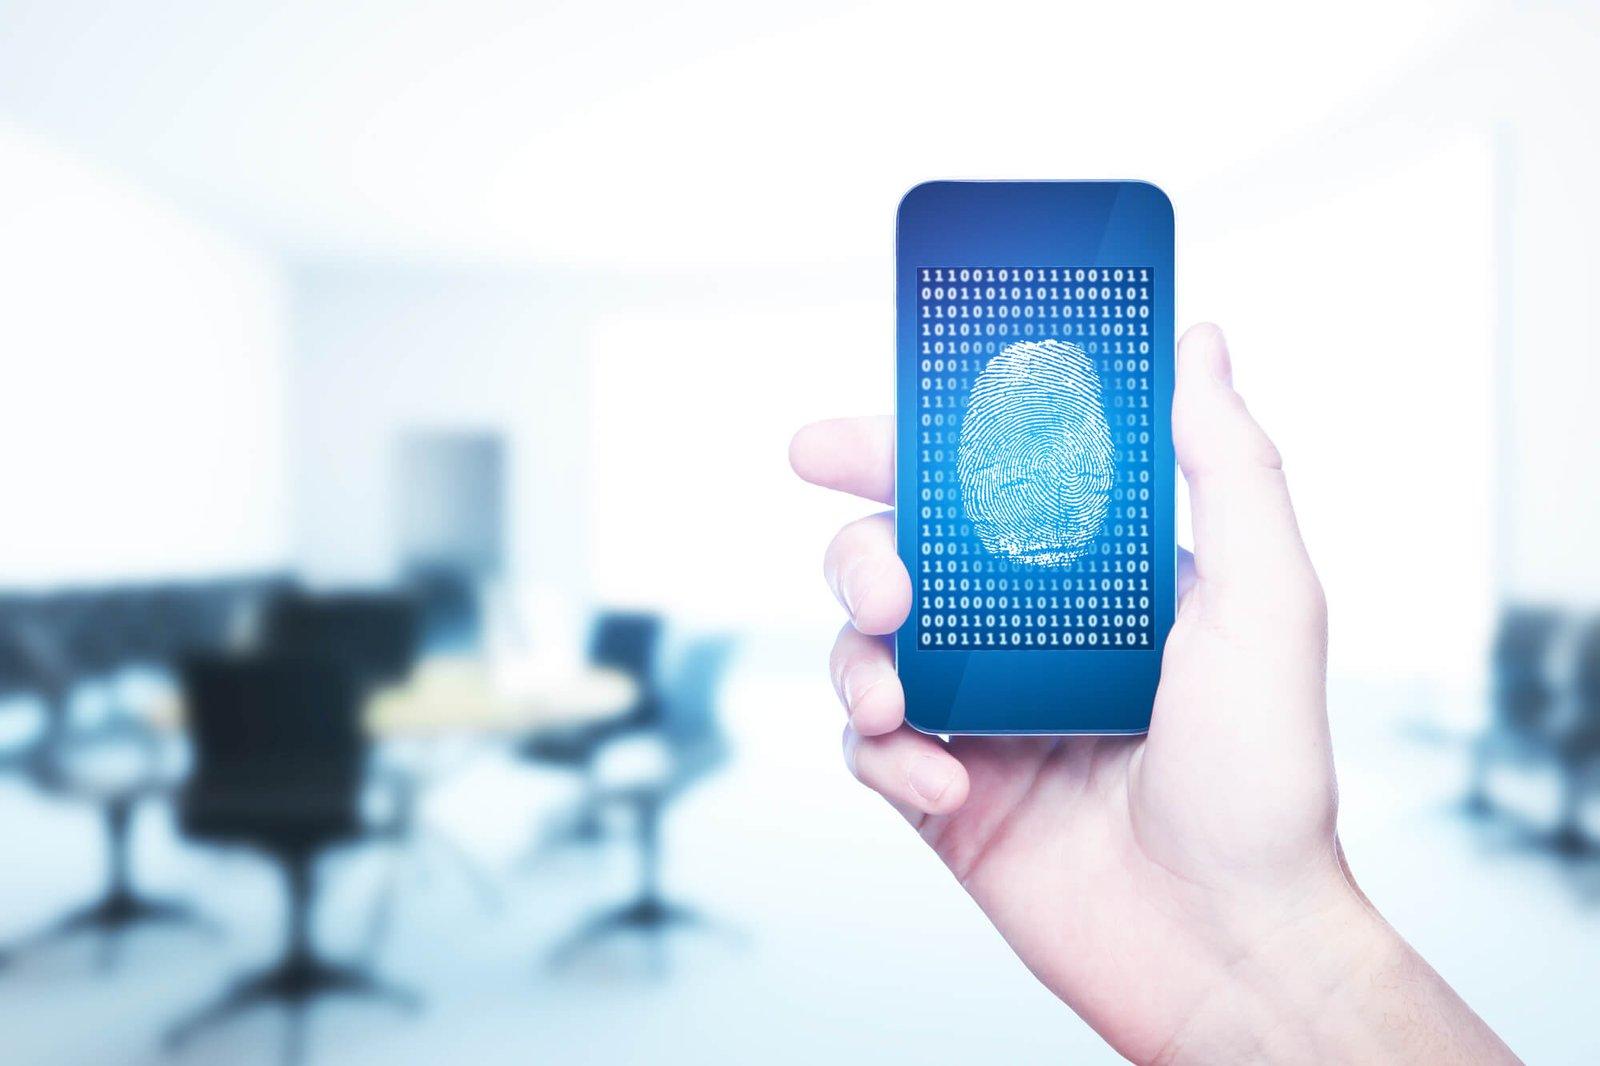 Saiba a importância da tecnologia aplicada à segurança